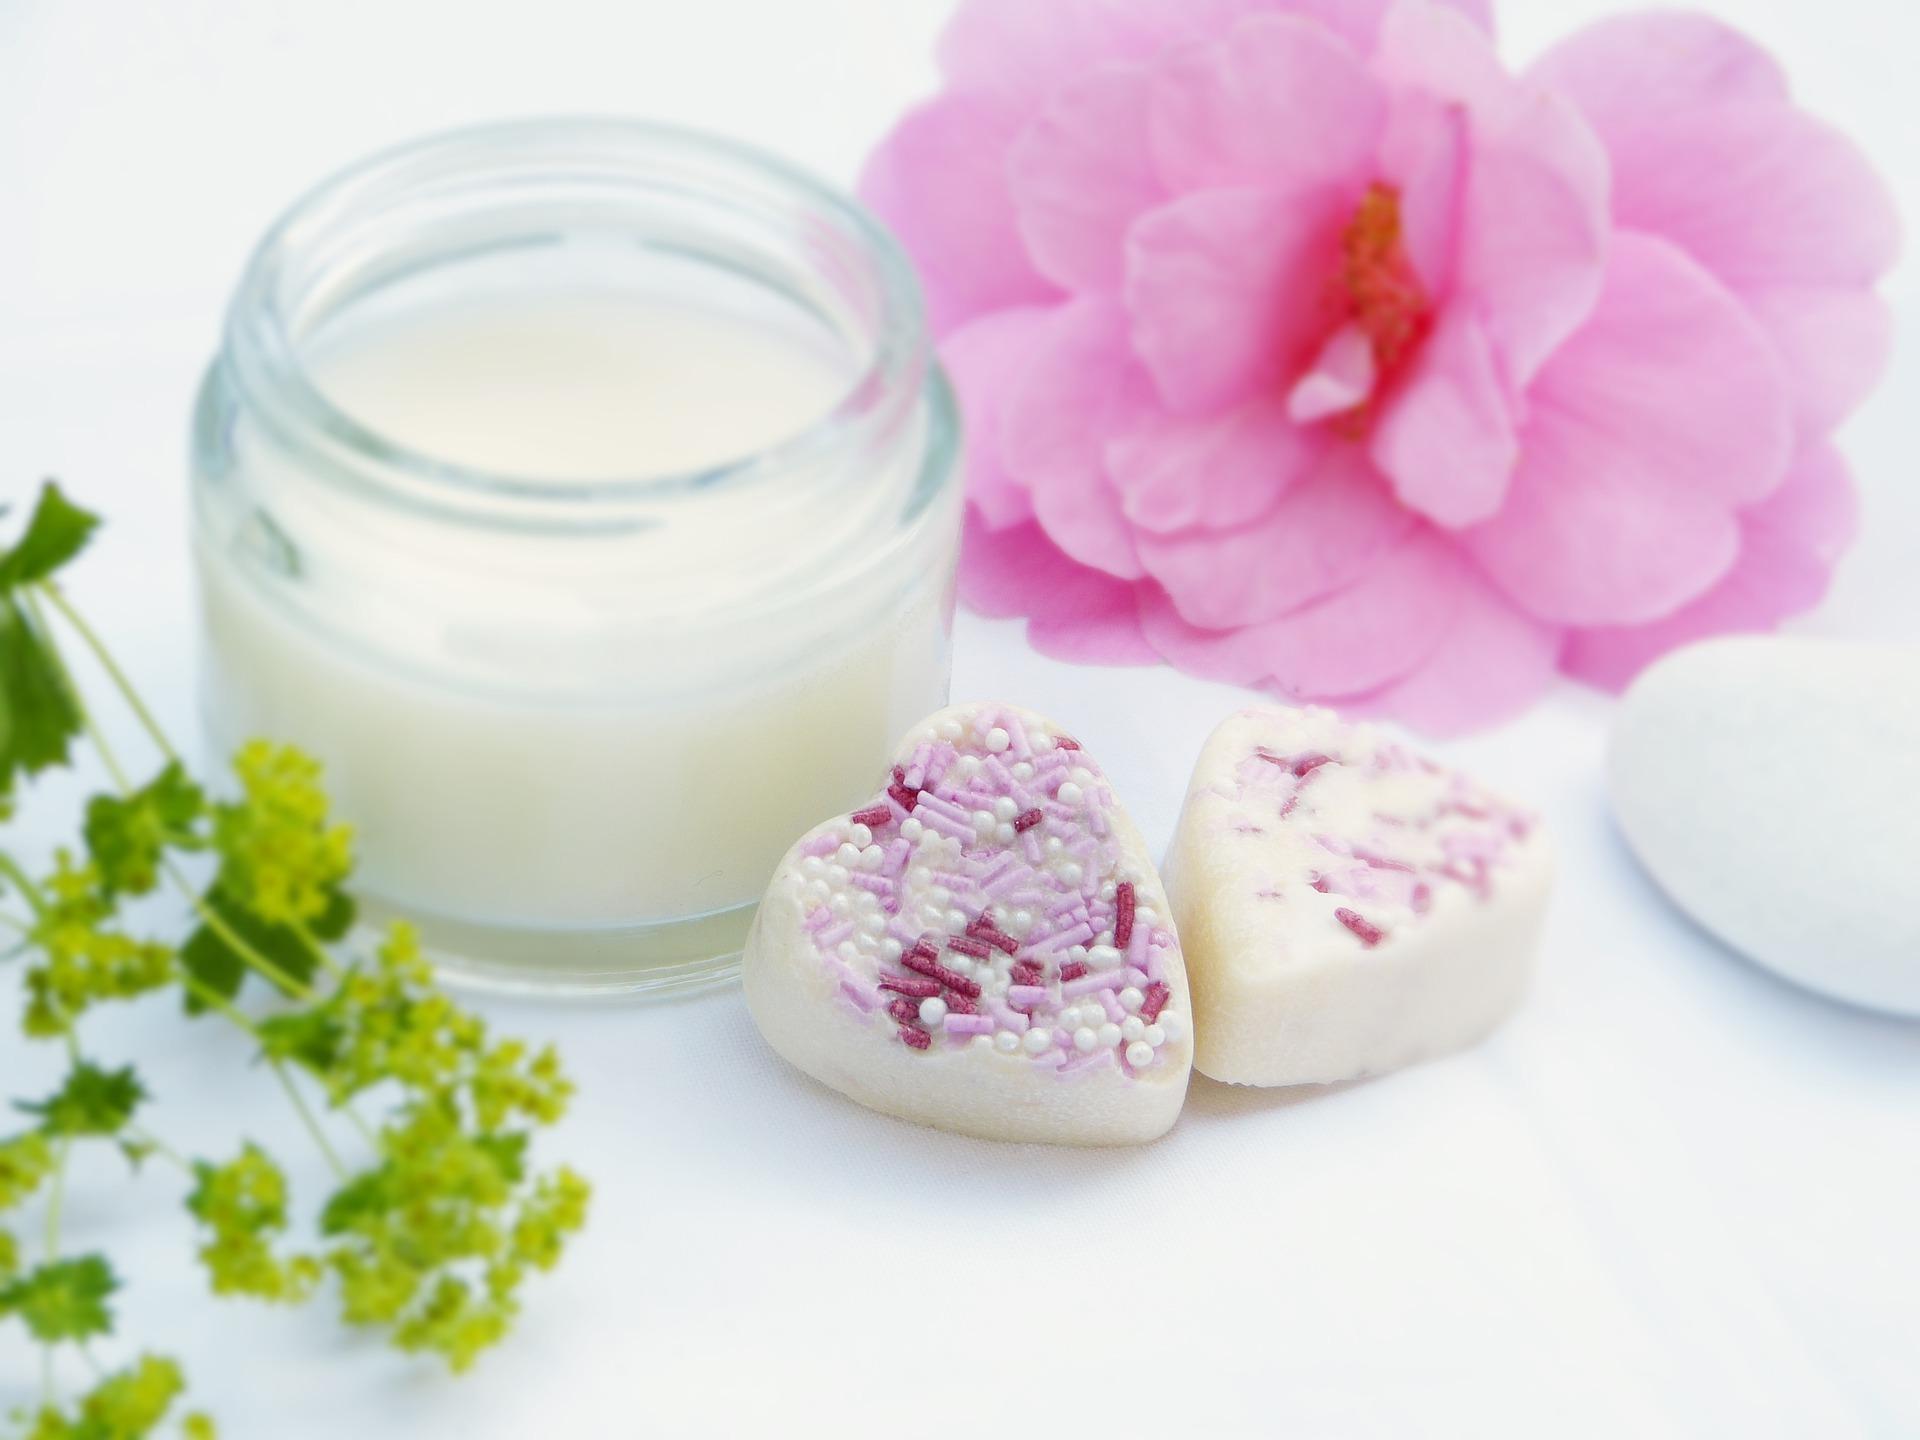 Dermatitis Cream To Soothe Skin